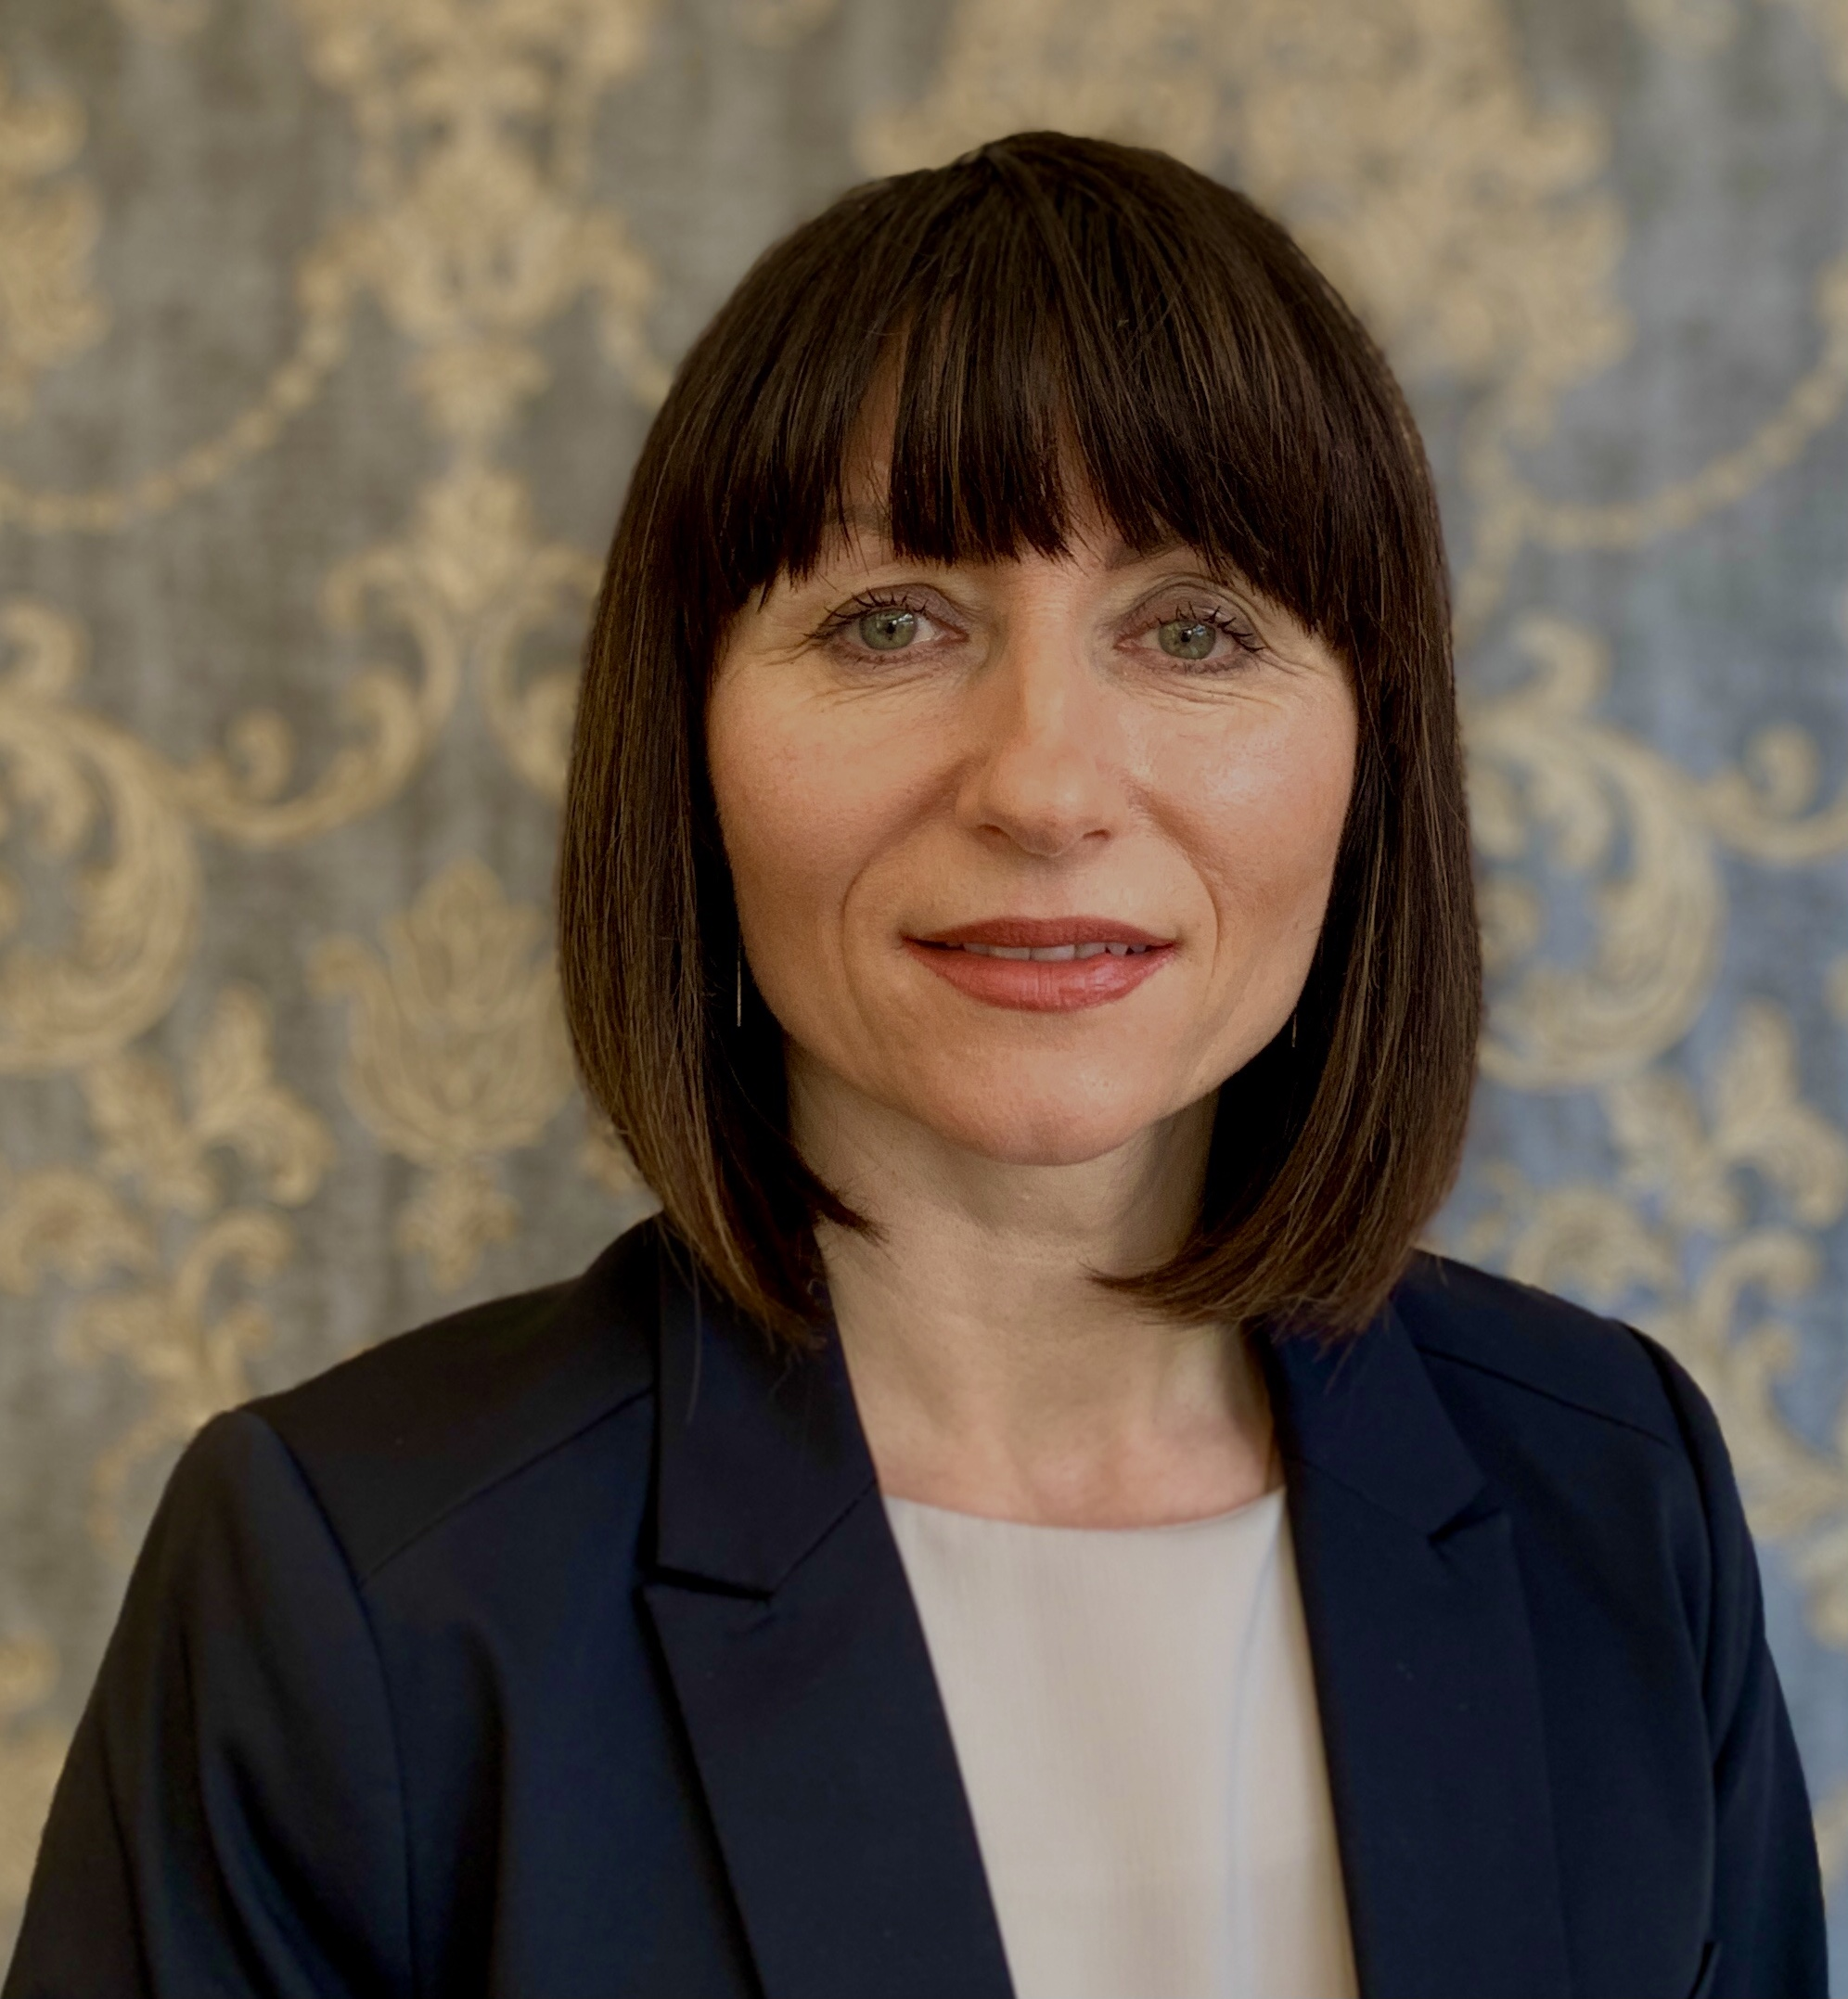 Agnieszka Chidlow